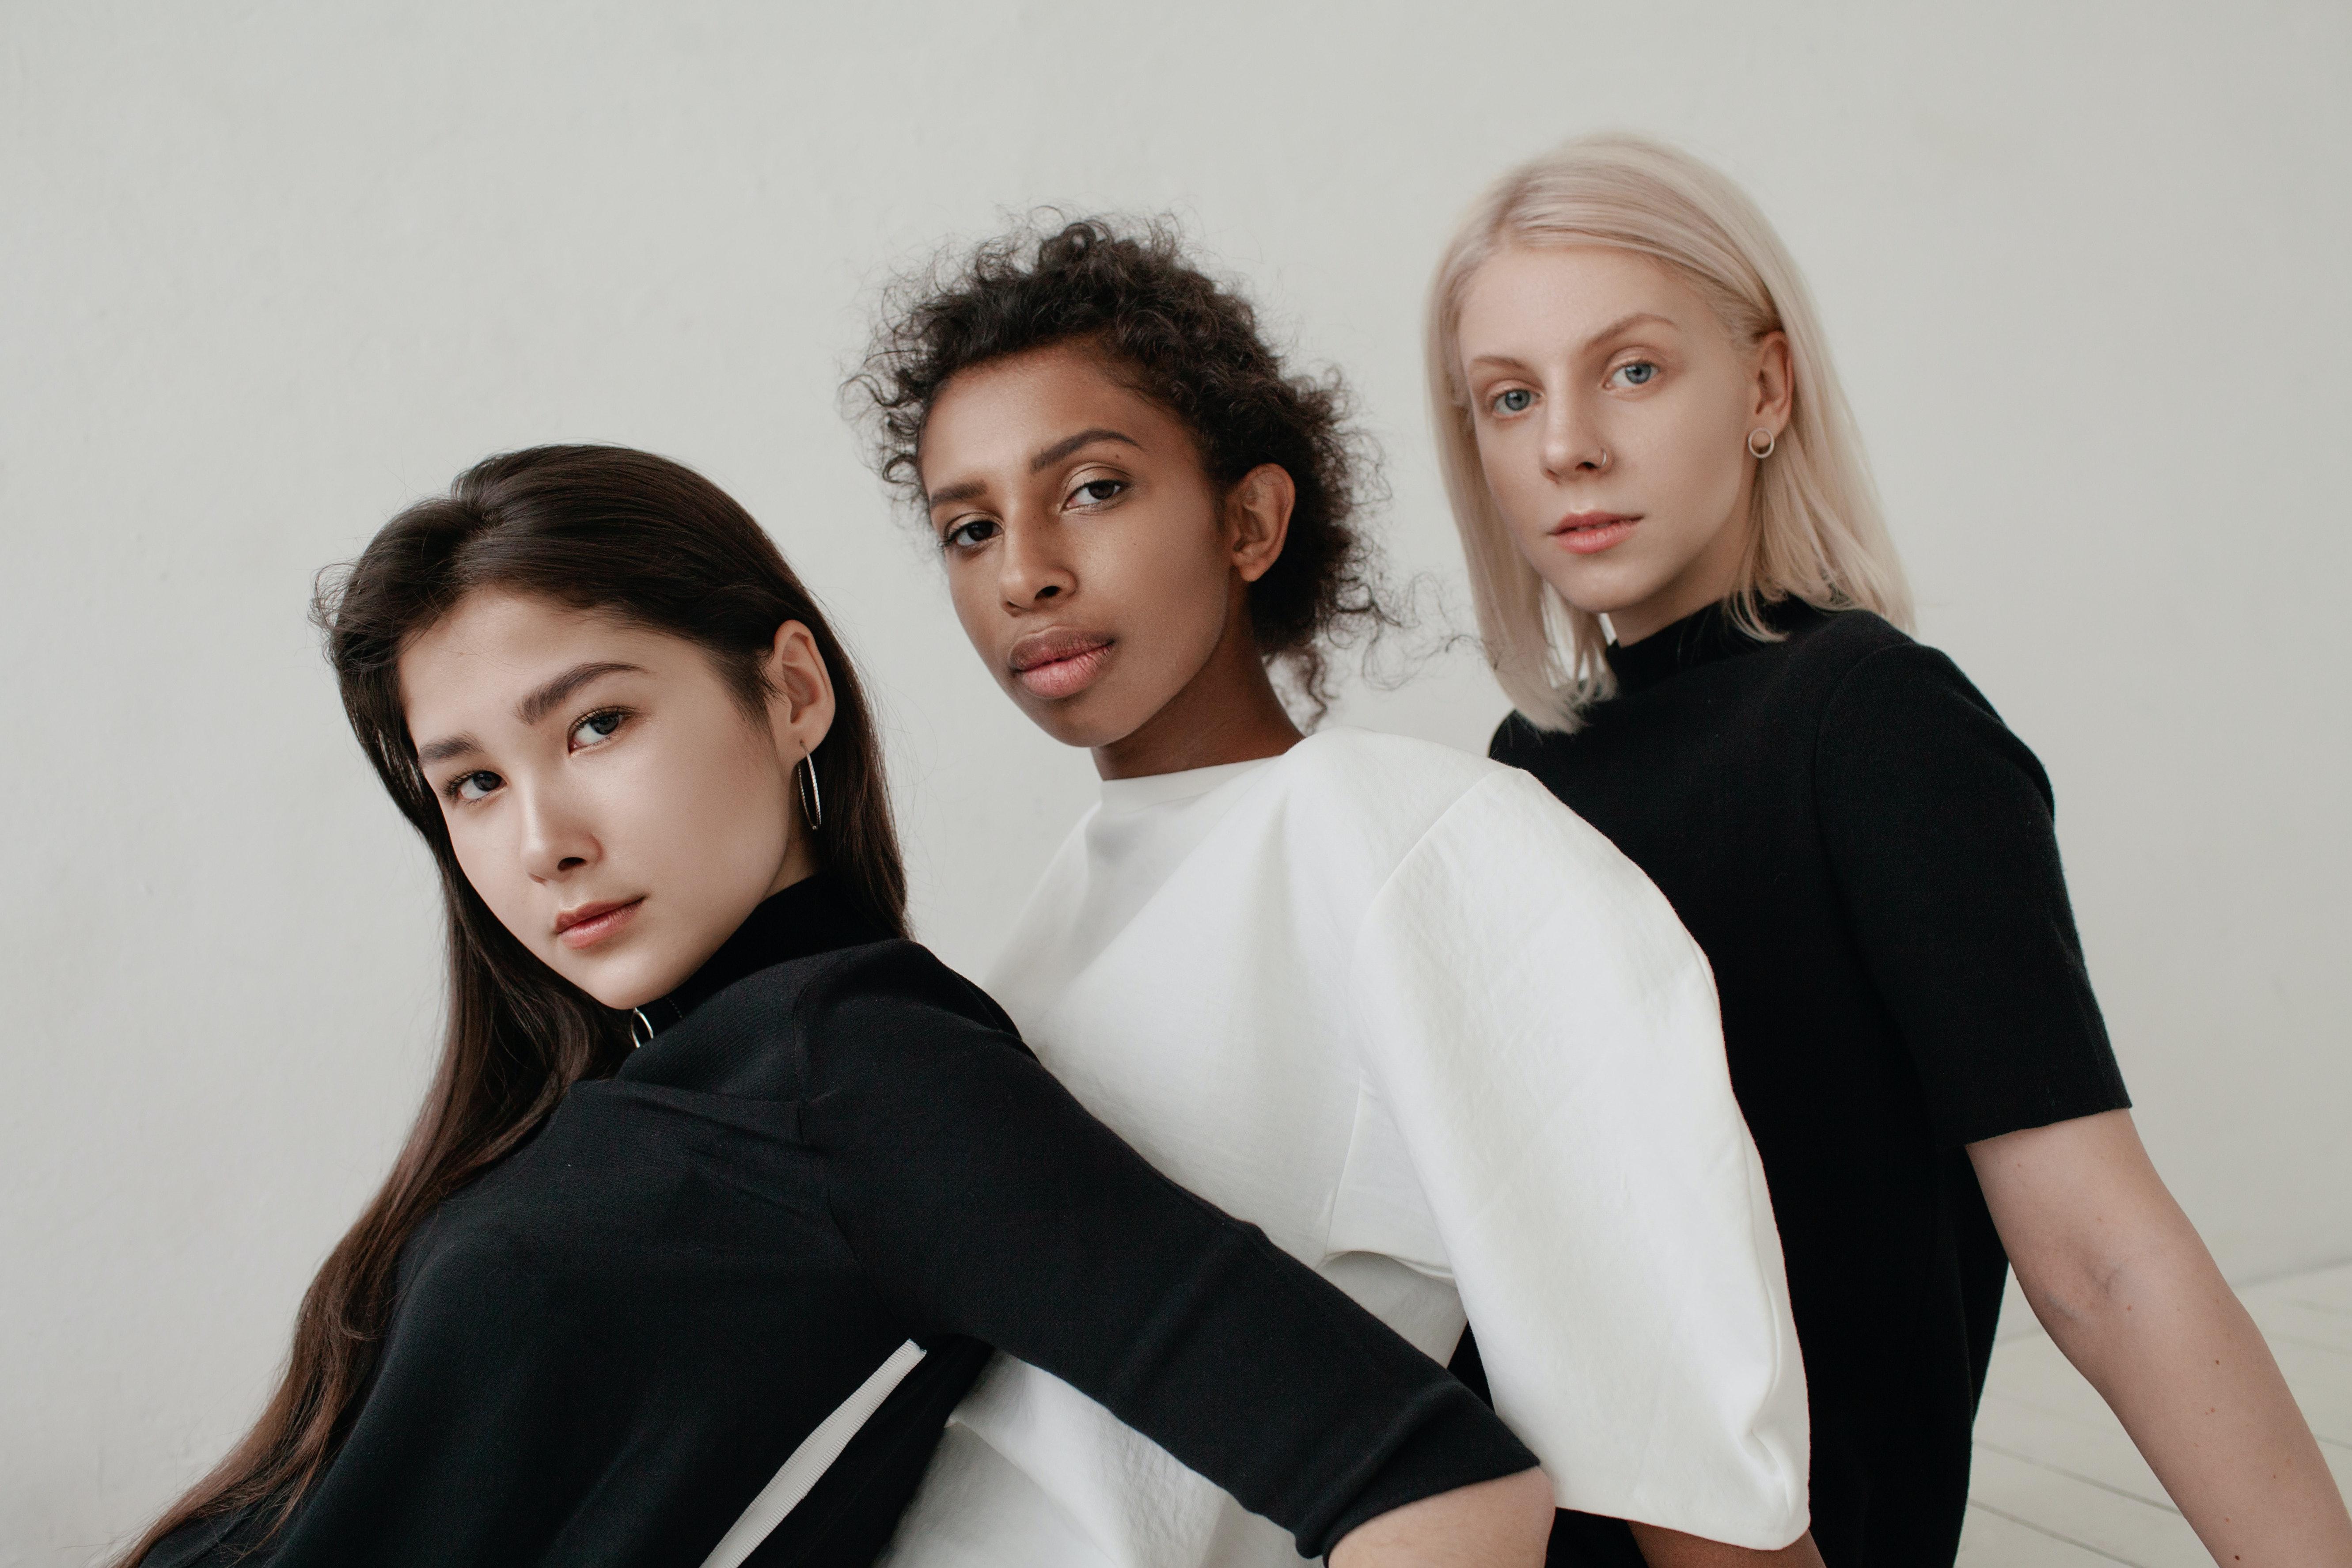 dating advice for women 20s fashion women fashion